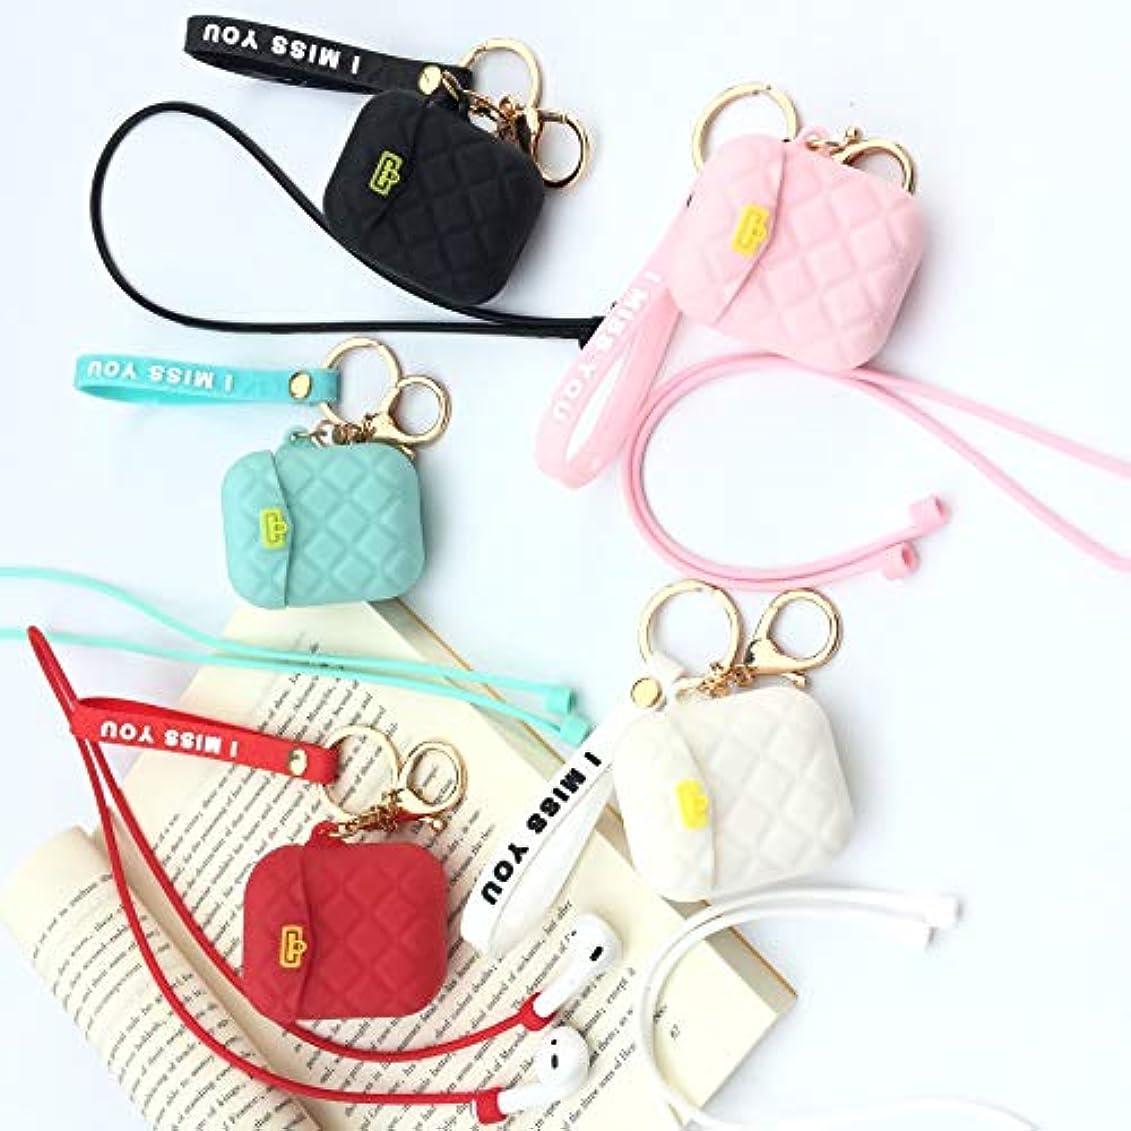 マーチャンダイジング病んでいる考慮GUANG-HOME 該当する日本と韓国の小さな香り菱形のバッグAirpods 1/2保護カバーアップルヘッドセットセット収納ボックス女性 (Color : Black)